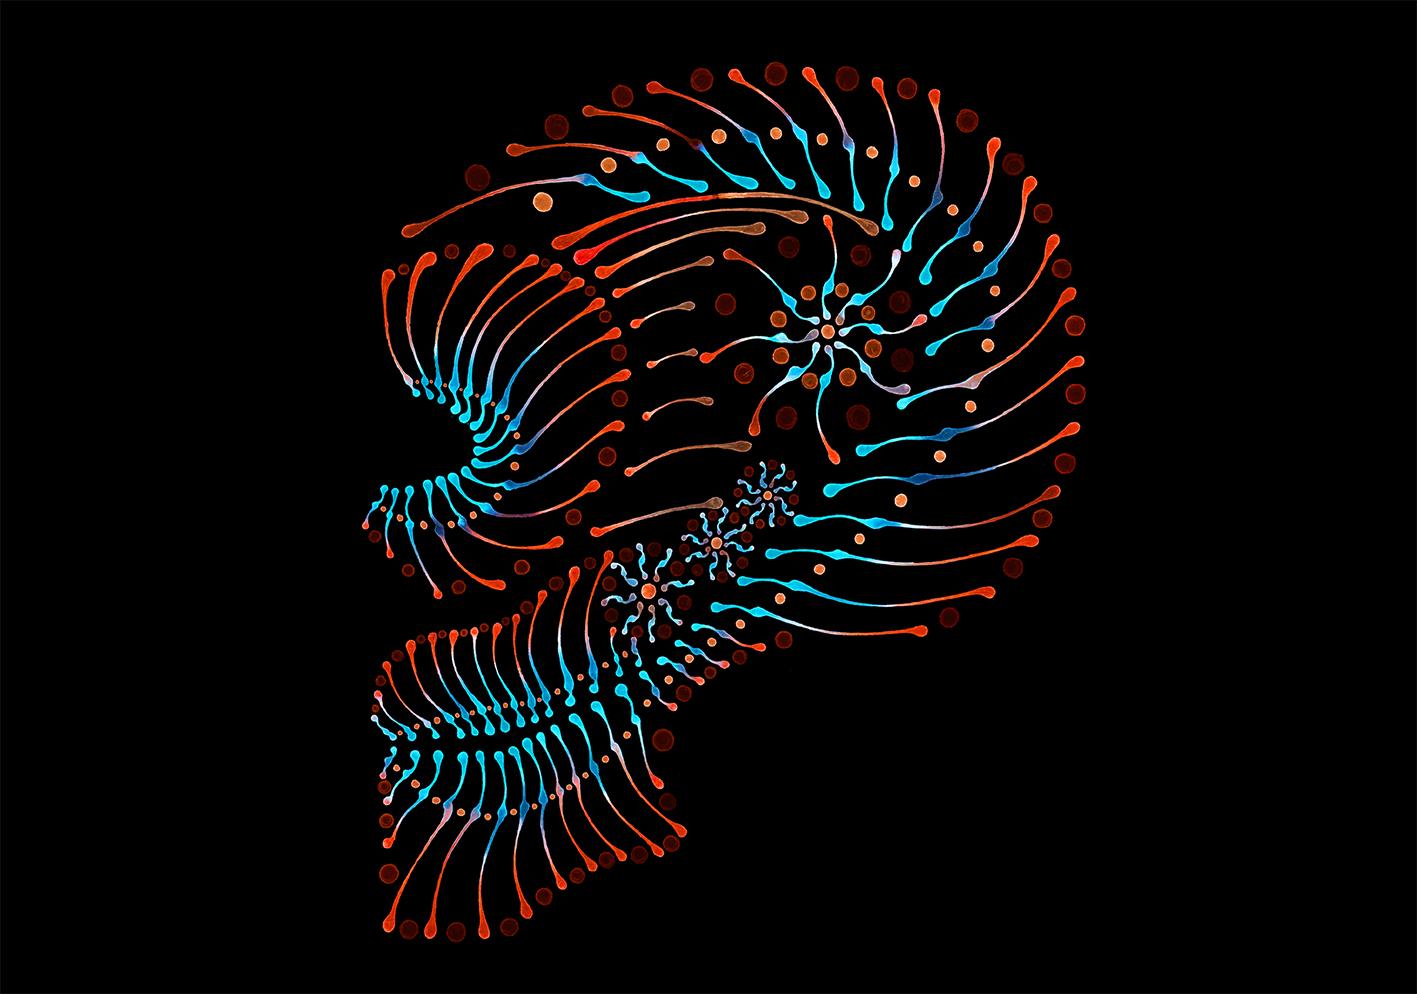 Dotting artwork - Skull Illustration, abstrakter Schädel, Aquarell Schädel